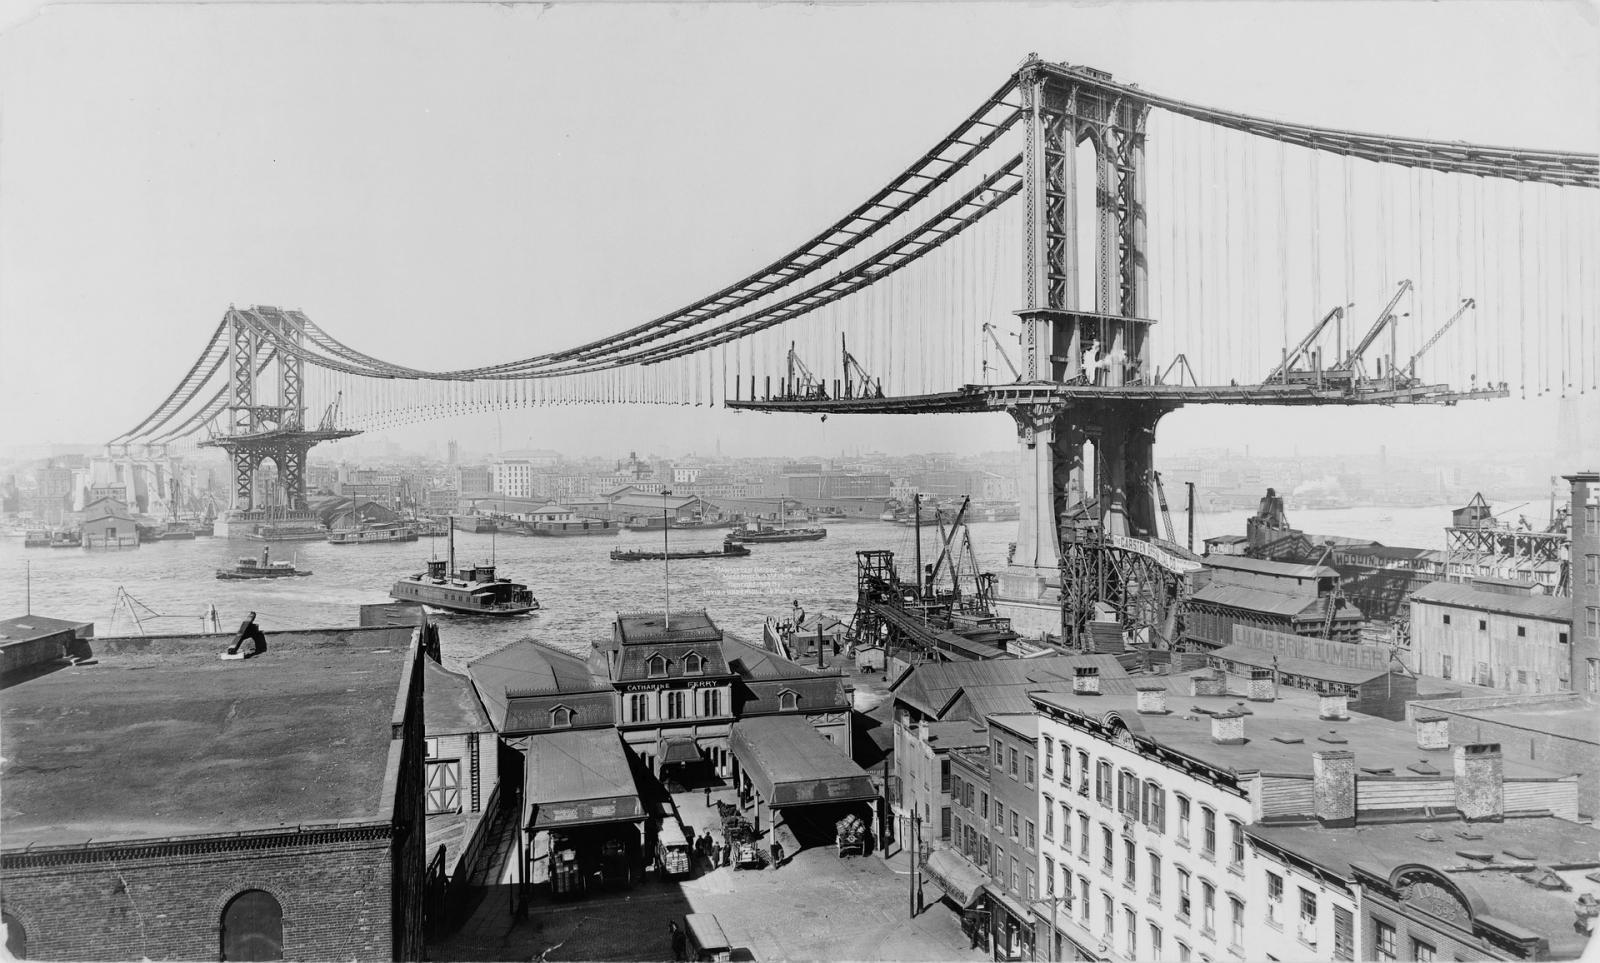 Puente de Manhattan, Dumbo en Brooklyn, Nueva York